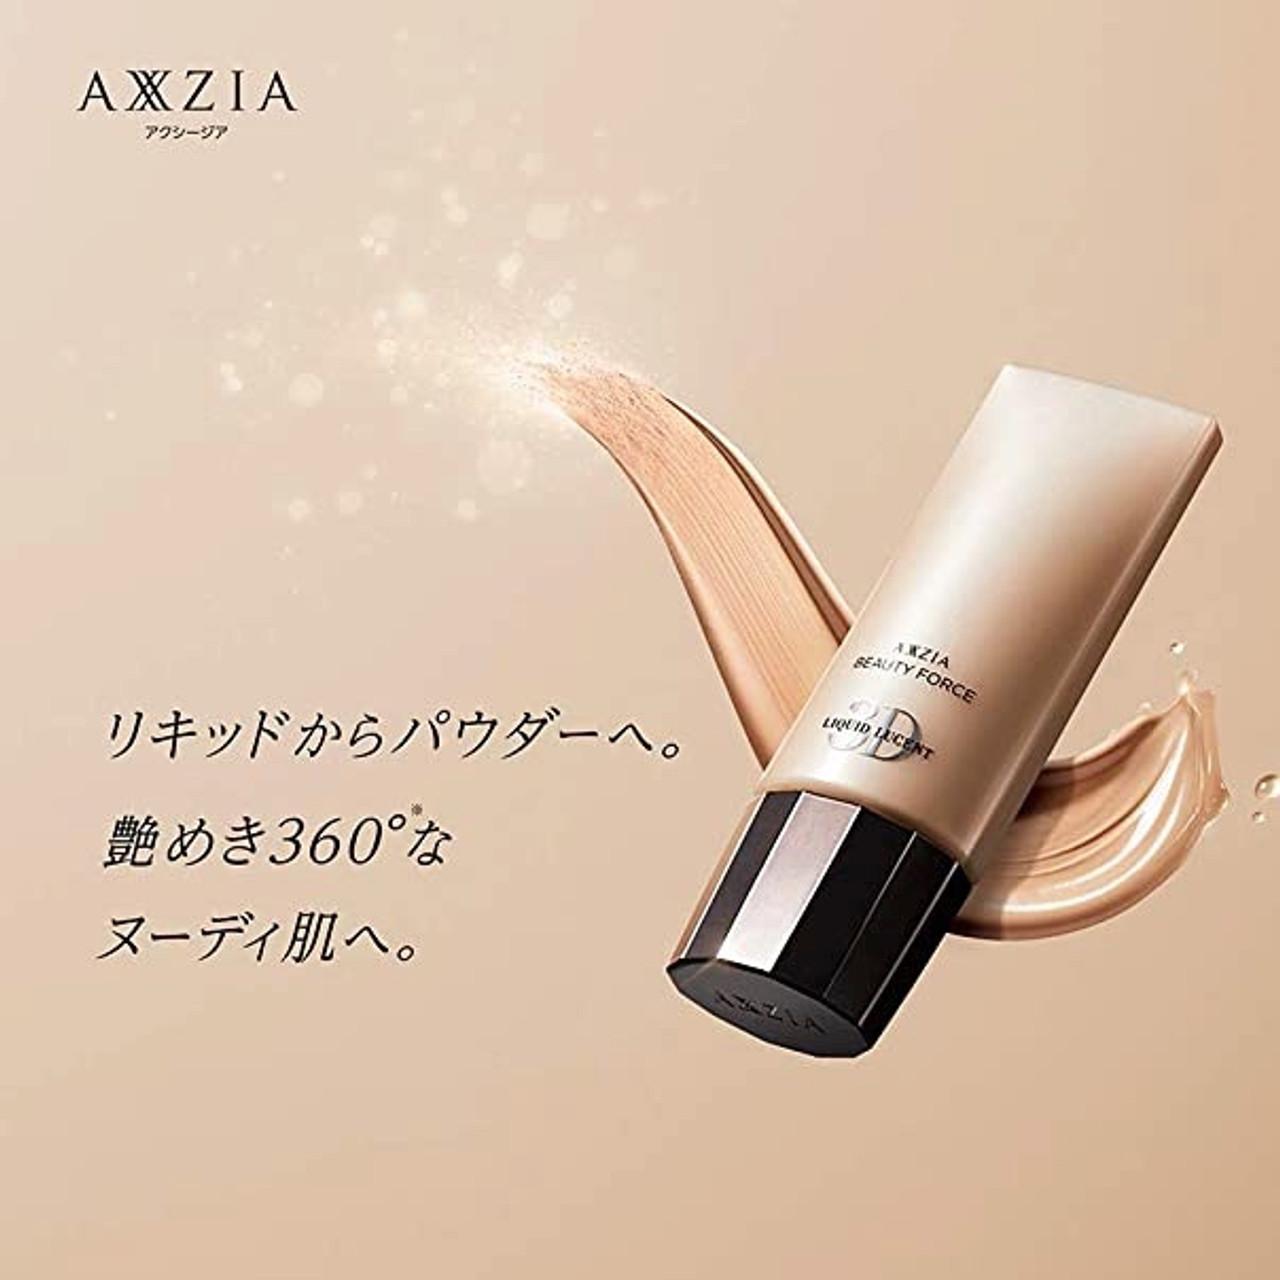 AXXZIA Beauty Force 3D Liquid Lucent – тональный крем с трехмерным эффектом